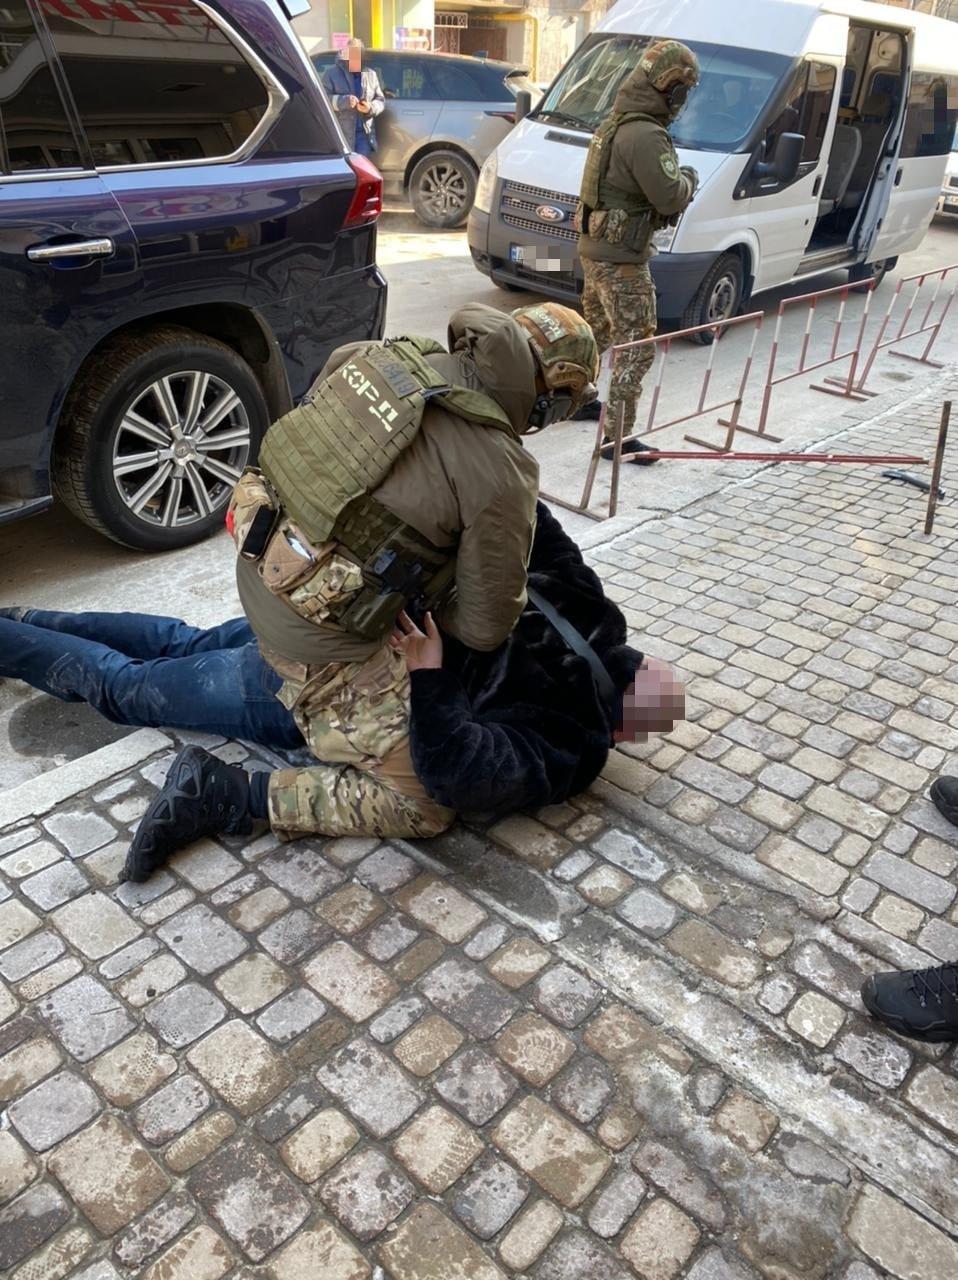 Терроризировали бизнесмена и подожгли машину пограничника: в Харькове арестовали четырех членов ОПГ, - ФОТО, фото-1